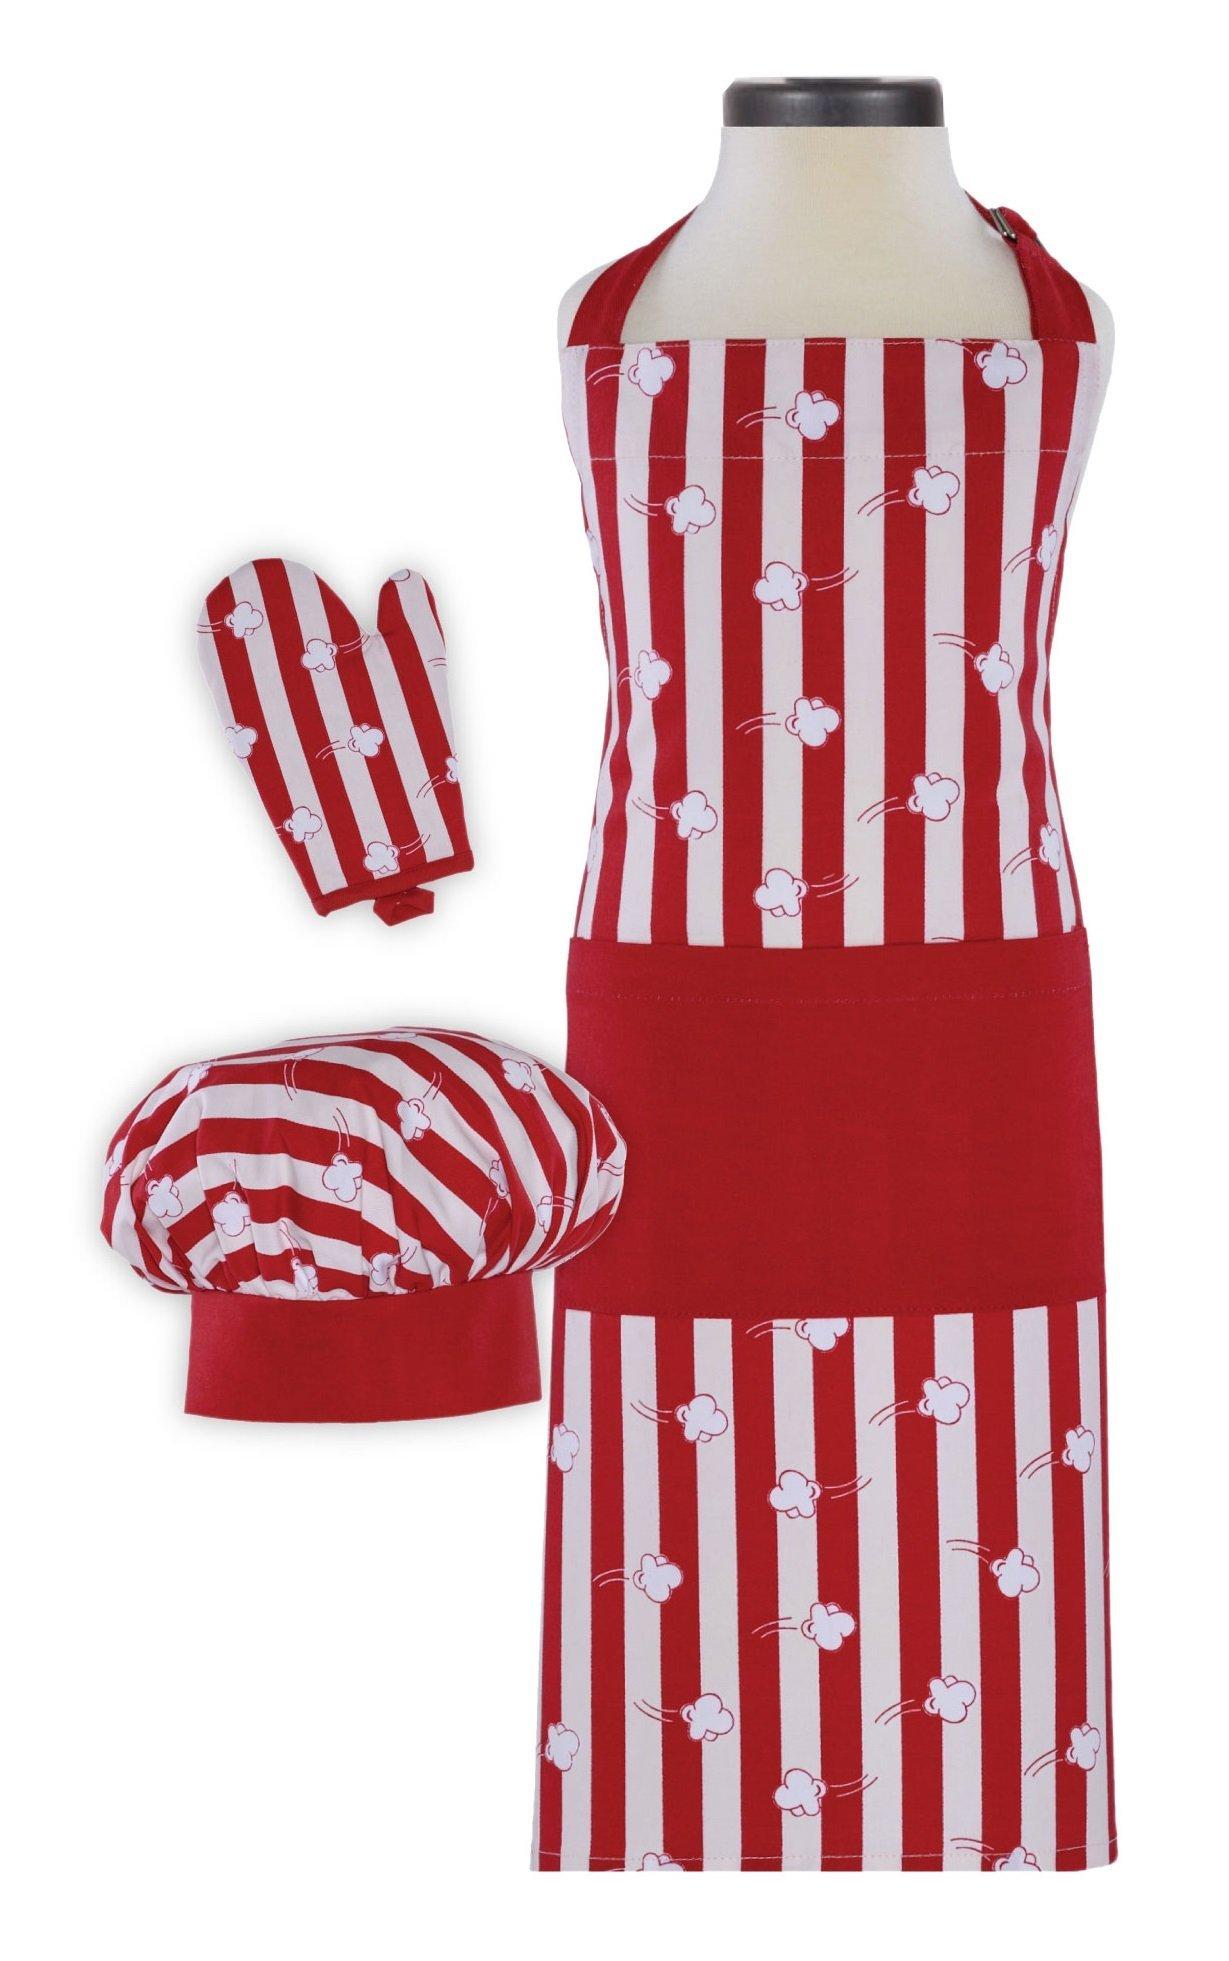 Handstand Kitchen Child's Popcorn Aplenty Print 100% Cotton Apron, Mitt and Chef's Hat Gift Set by Handstand Kitchen (Image #1)